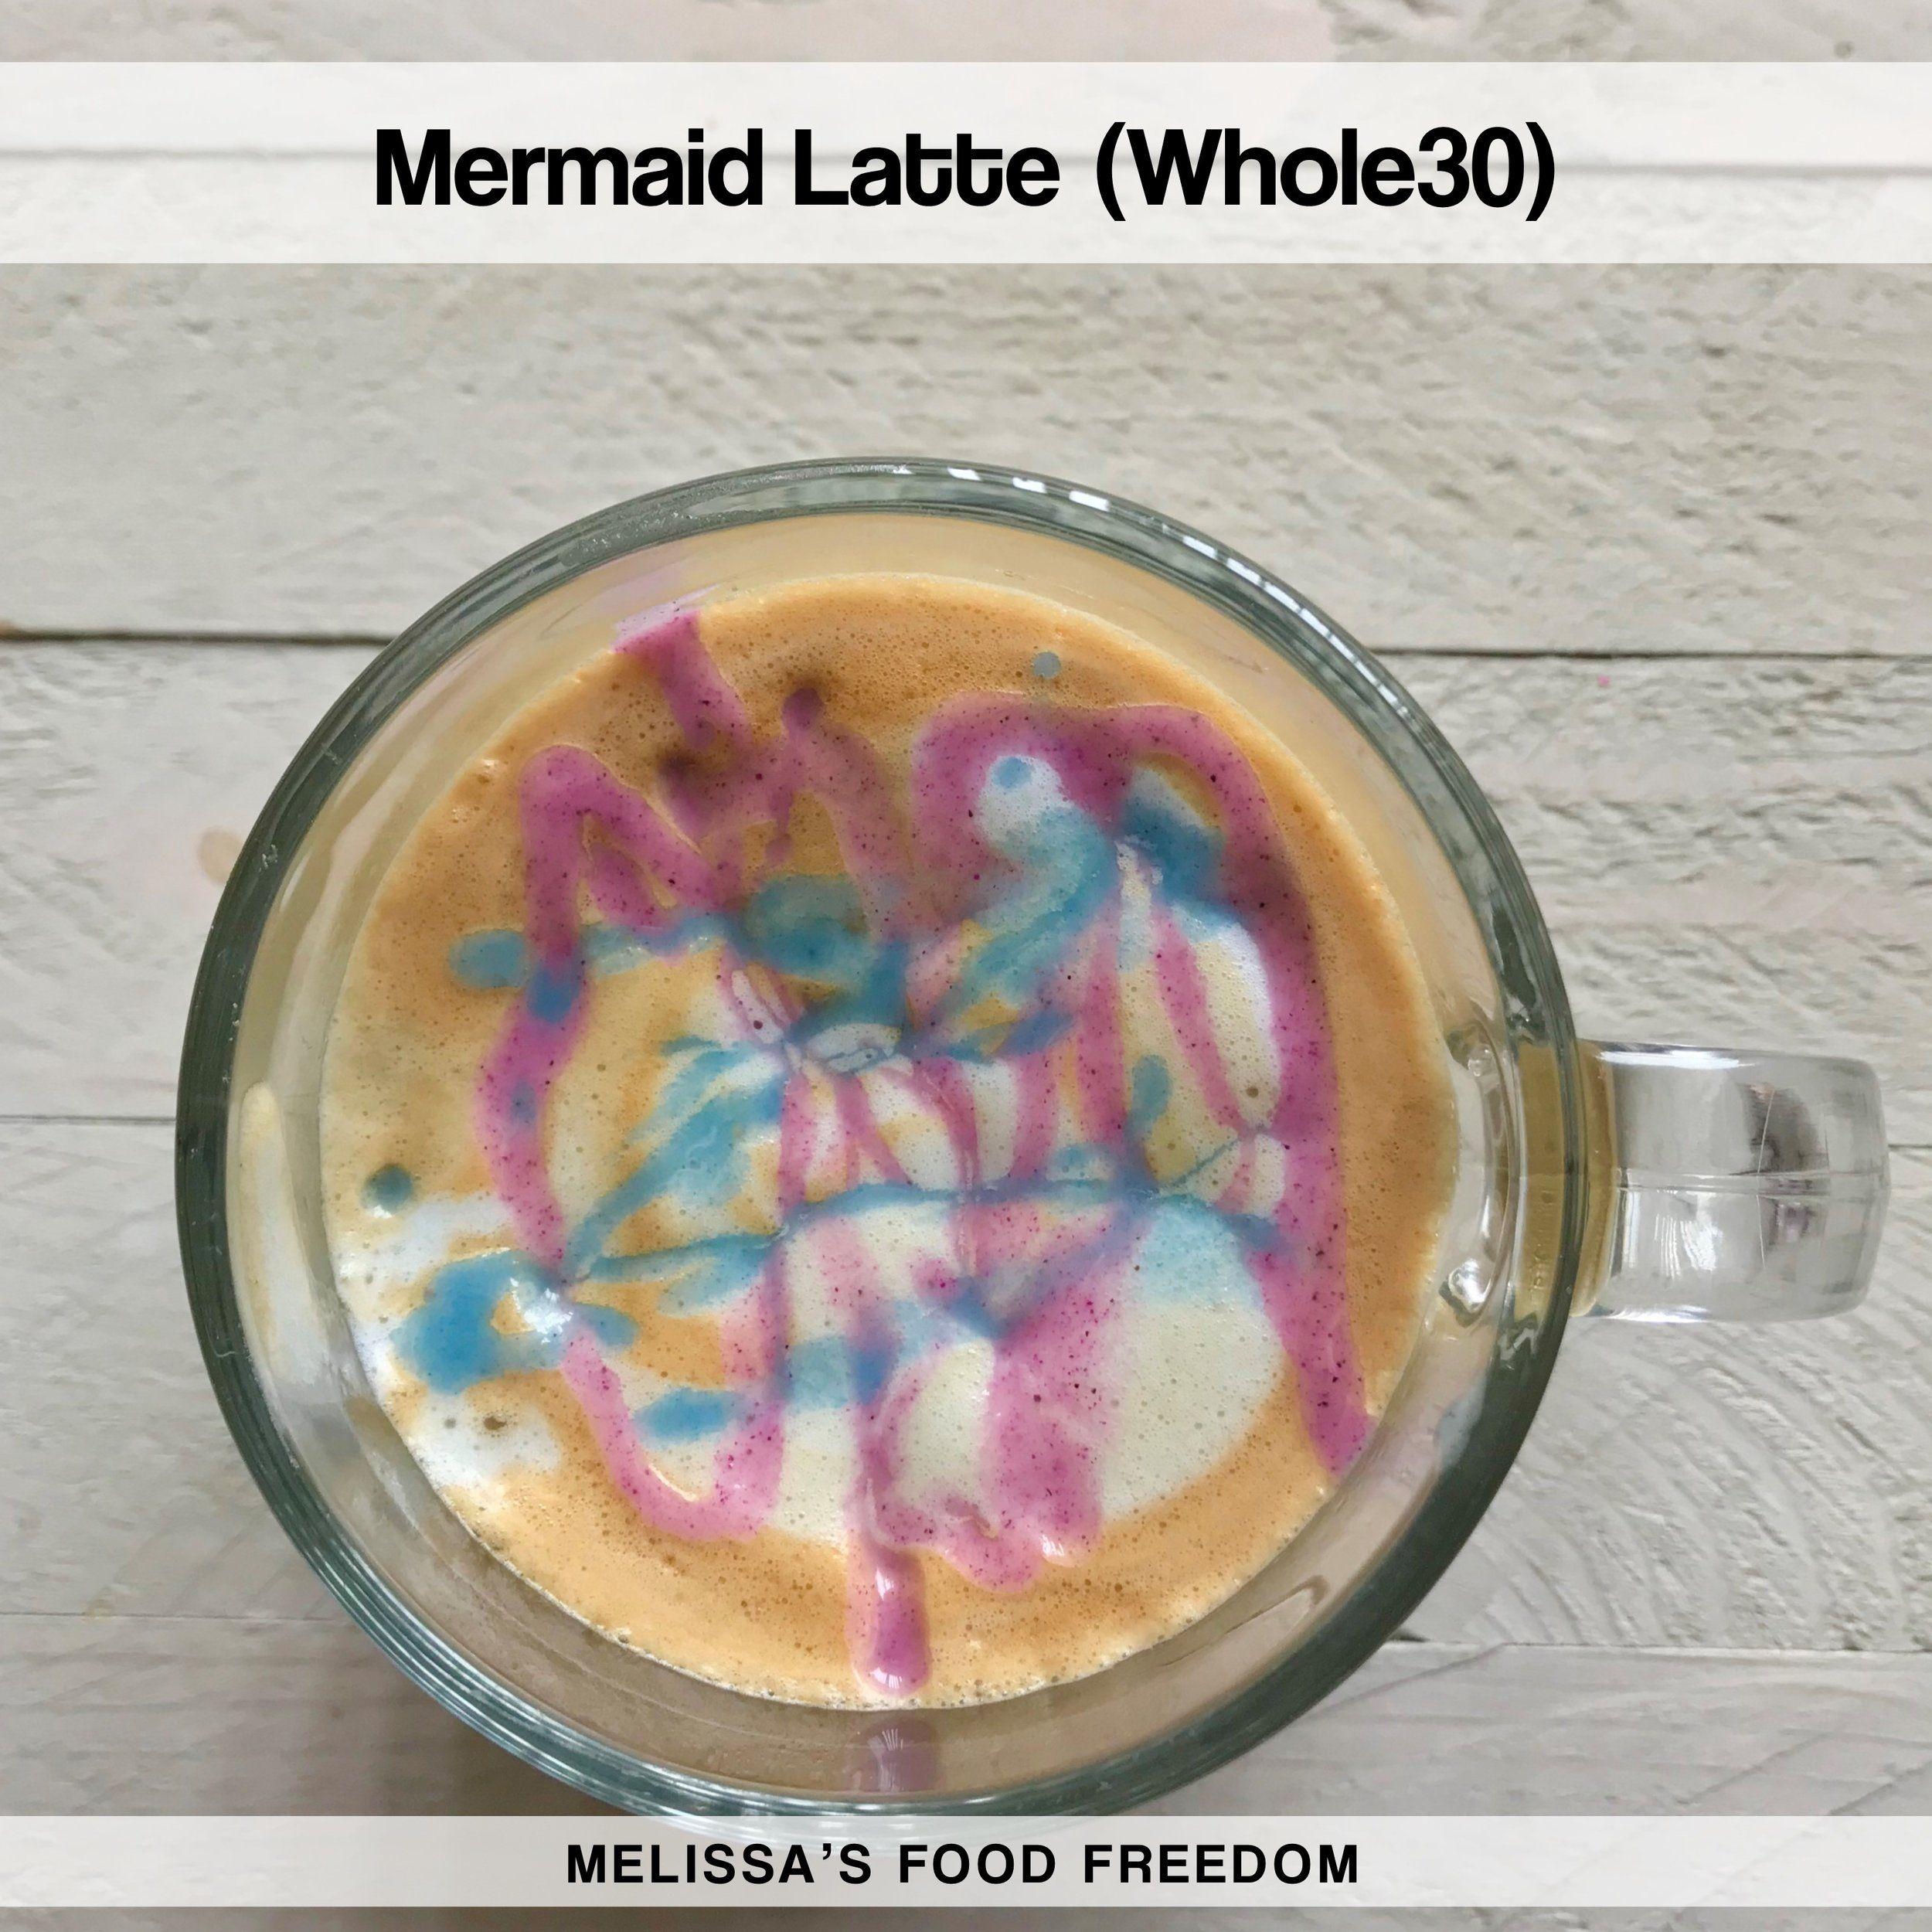 Mermaid Latte (Whole30)